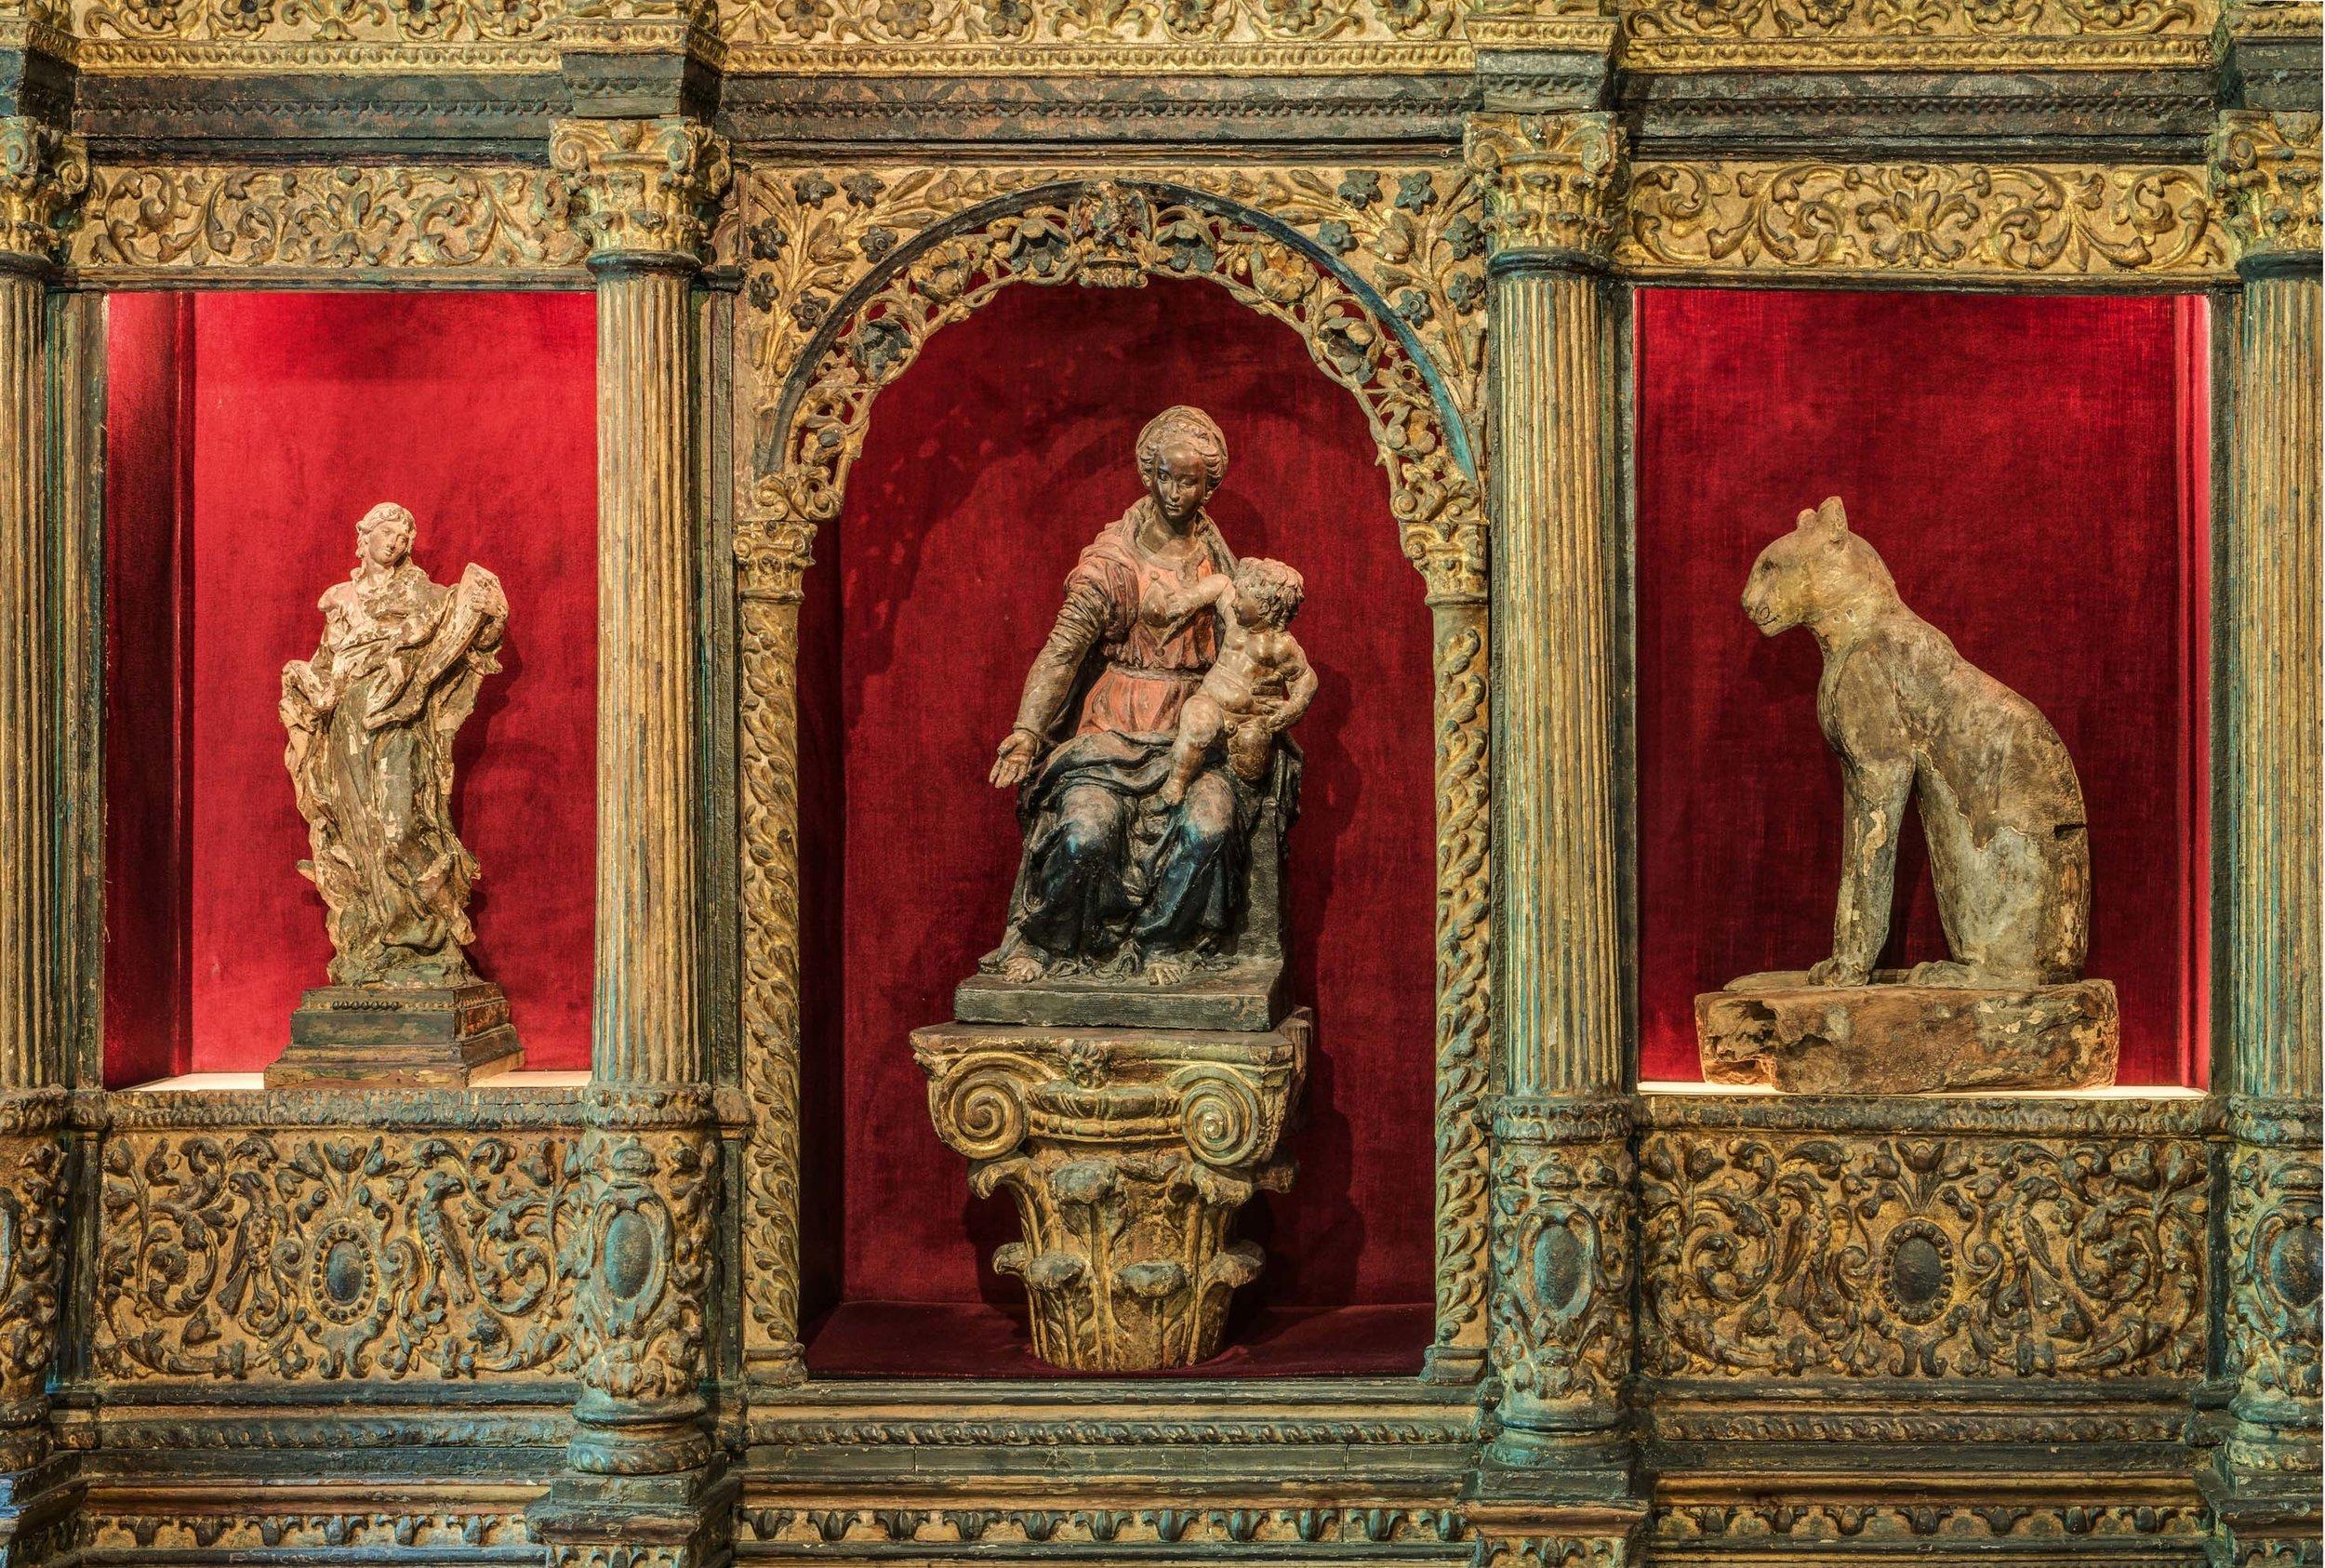 Na Coleção Eva Klabin, (esquerda) São João Evangelista, Itália, séc. XVII, (centro) Madona dos Meninos Travessos, Itália, séc. XVI e (direita)Esquife de Gato, Egito, período Ptoloma